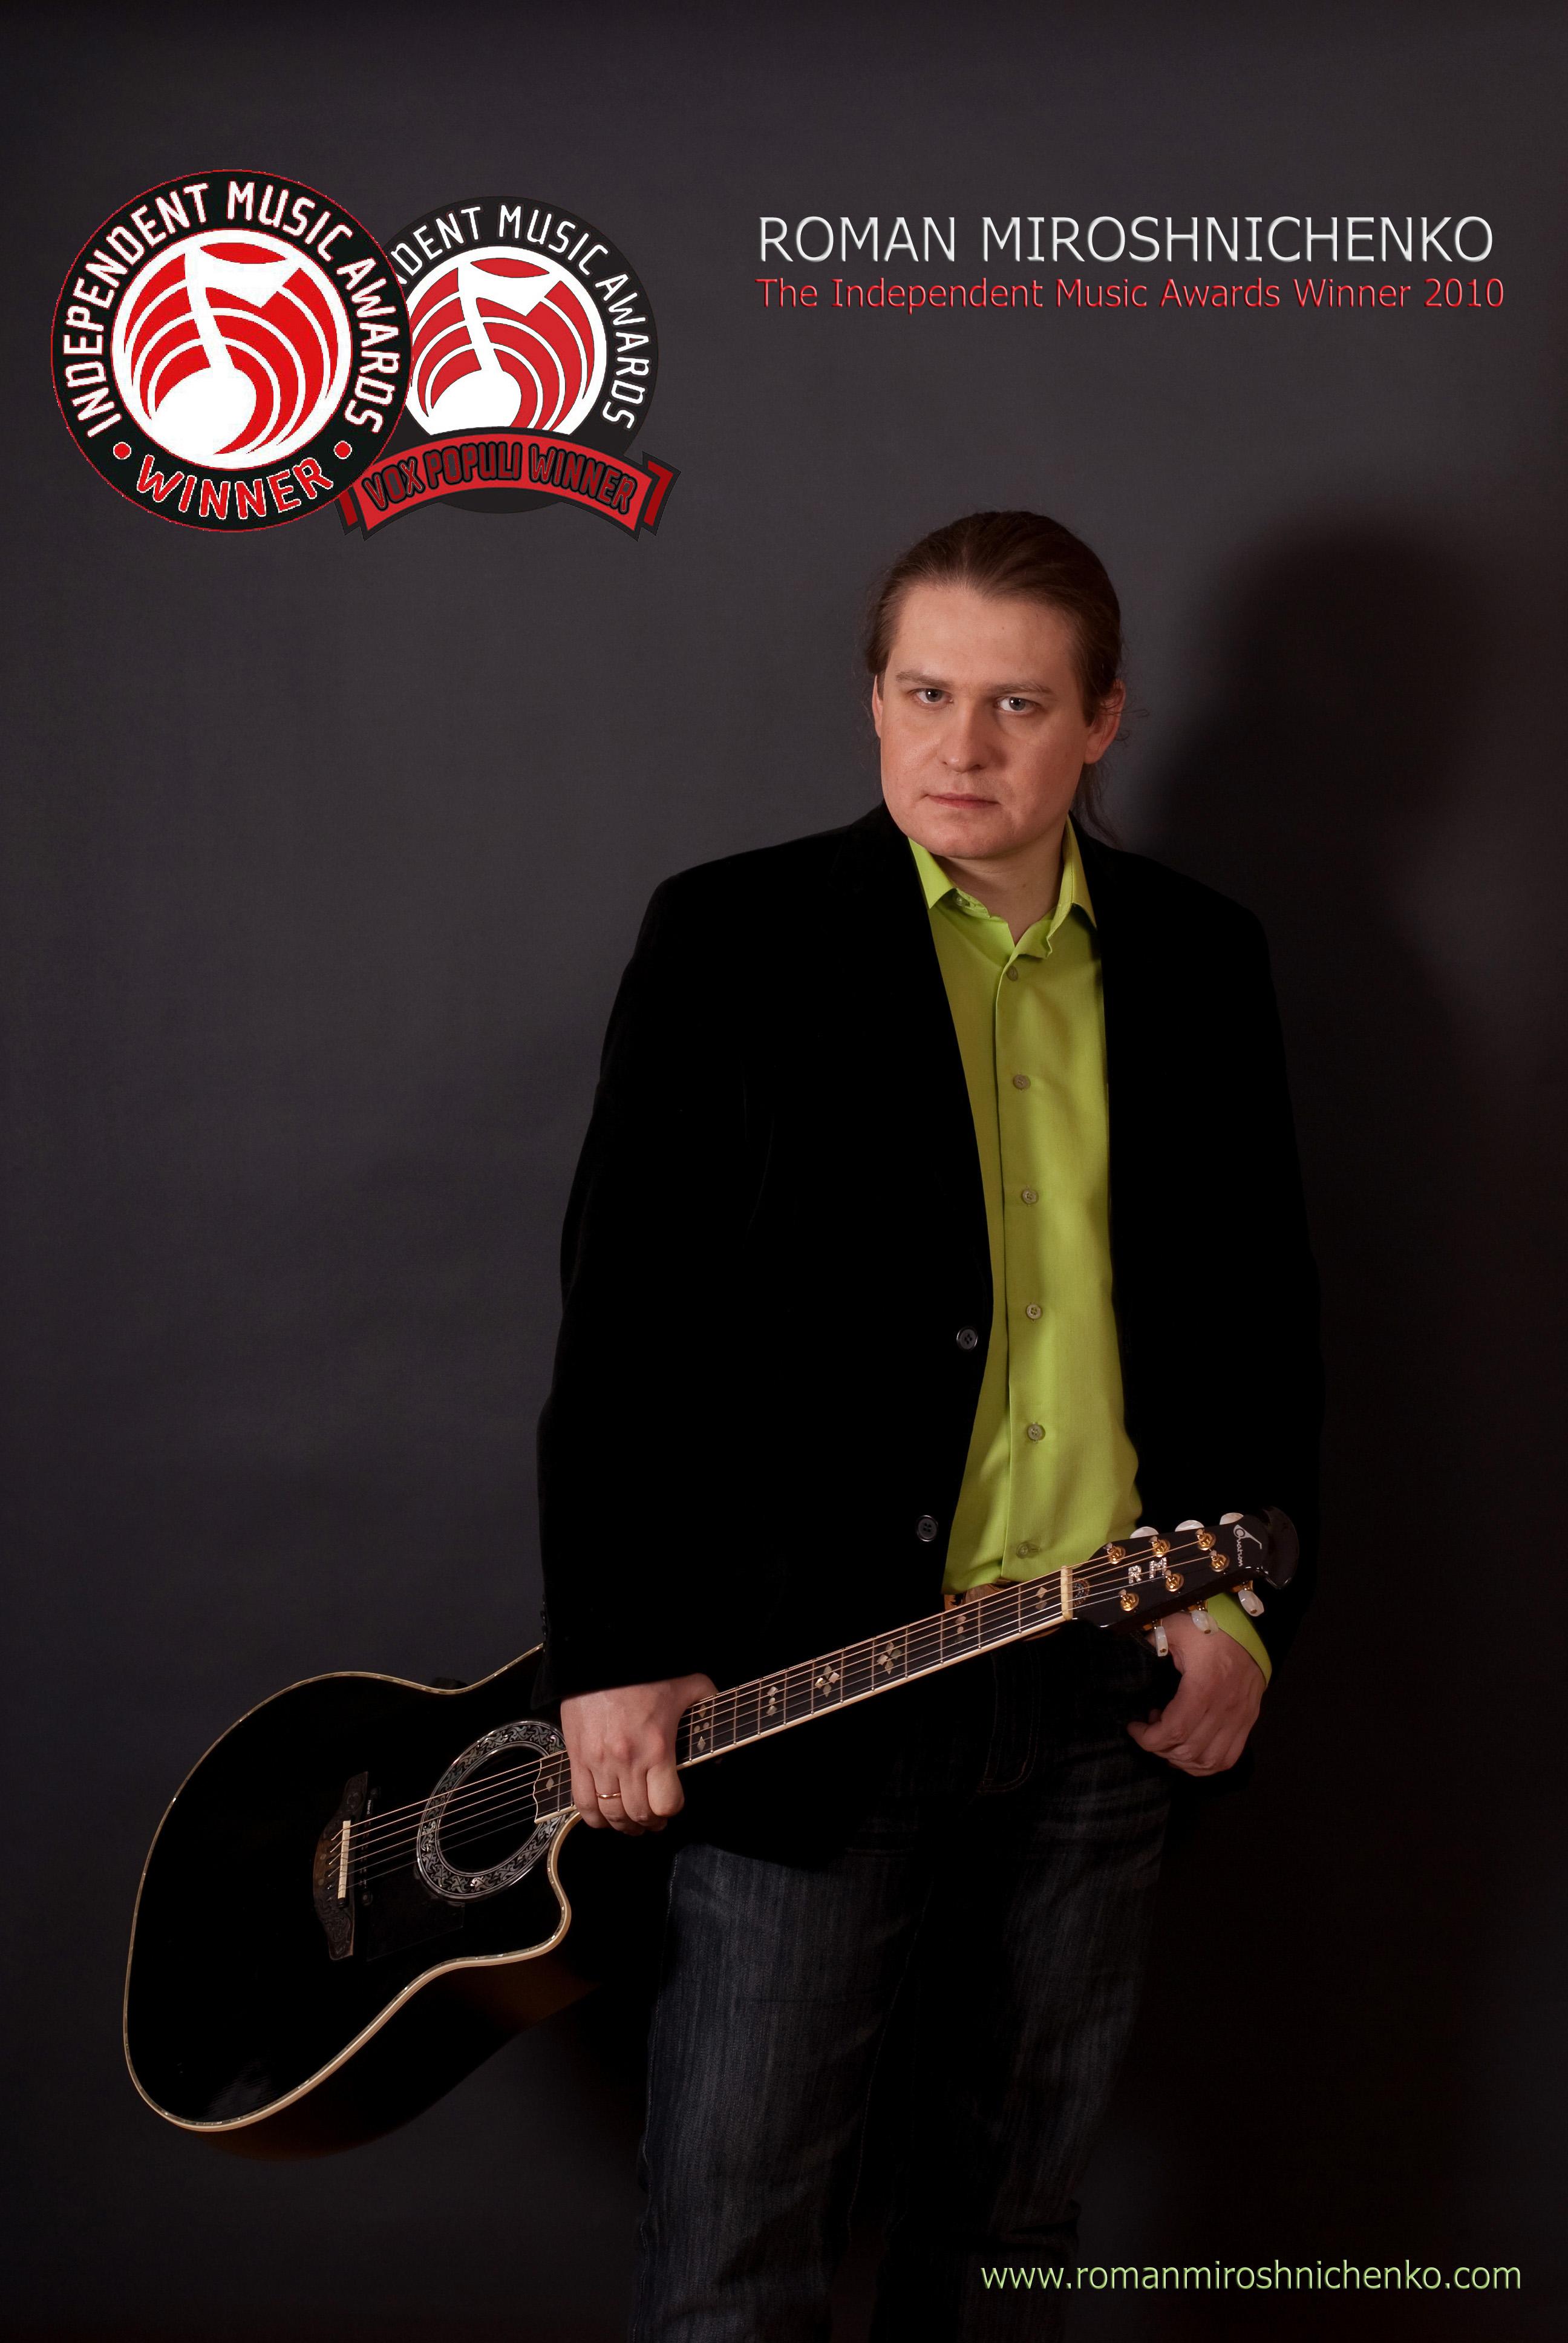 Гитарист-виртуоз Роман Мирошниченко стал дважды лауреатом престижной американской премии